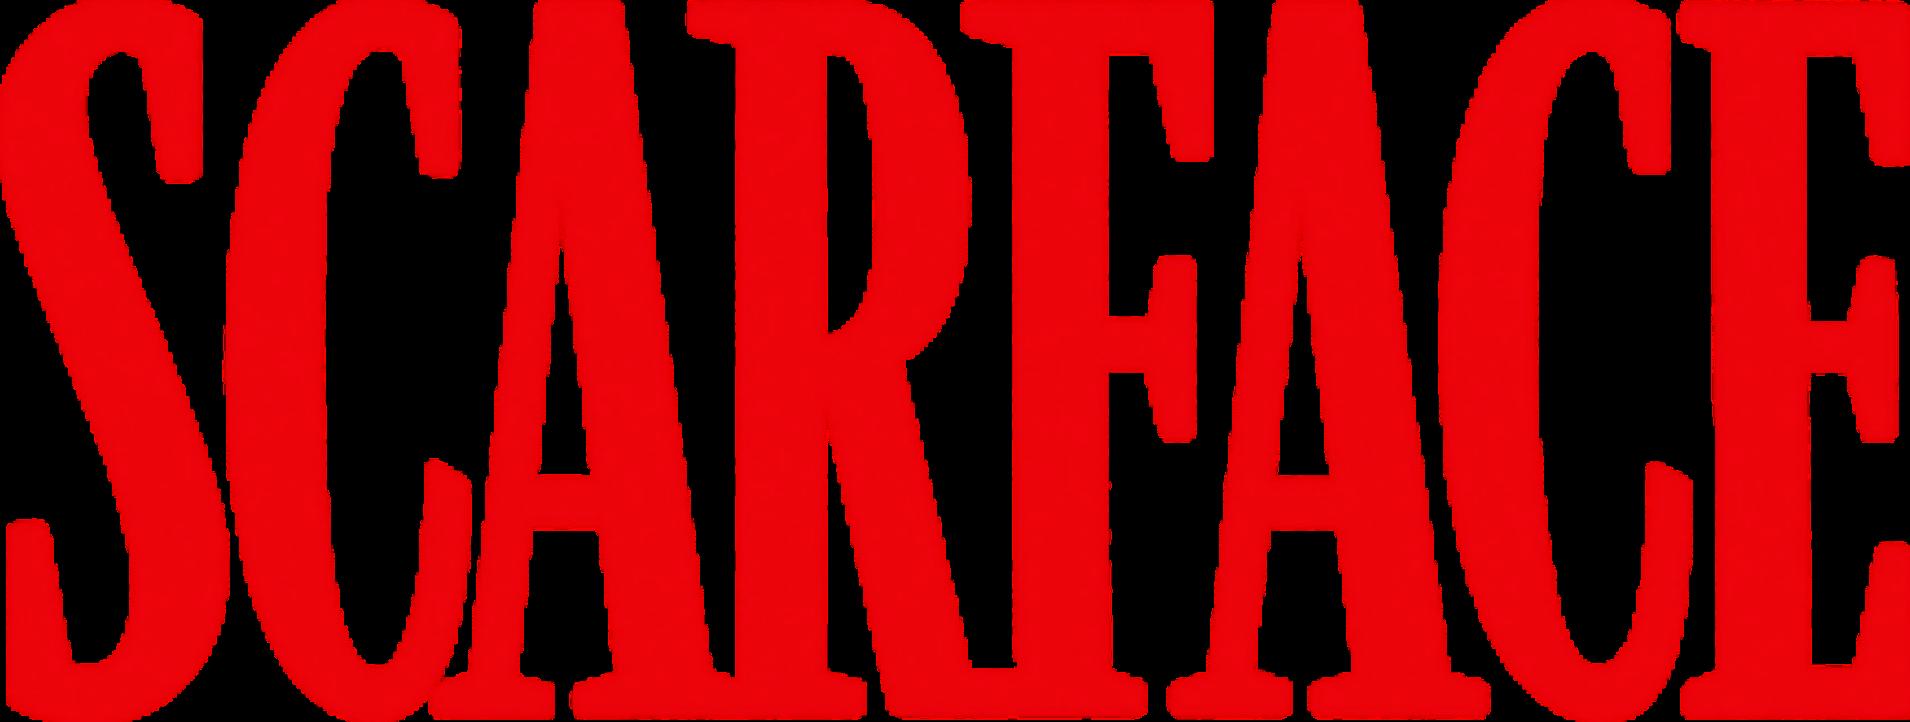 スカーフェイス 映画 wikipedia